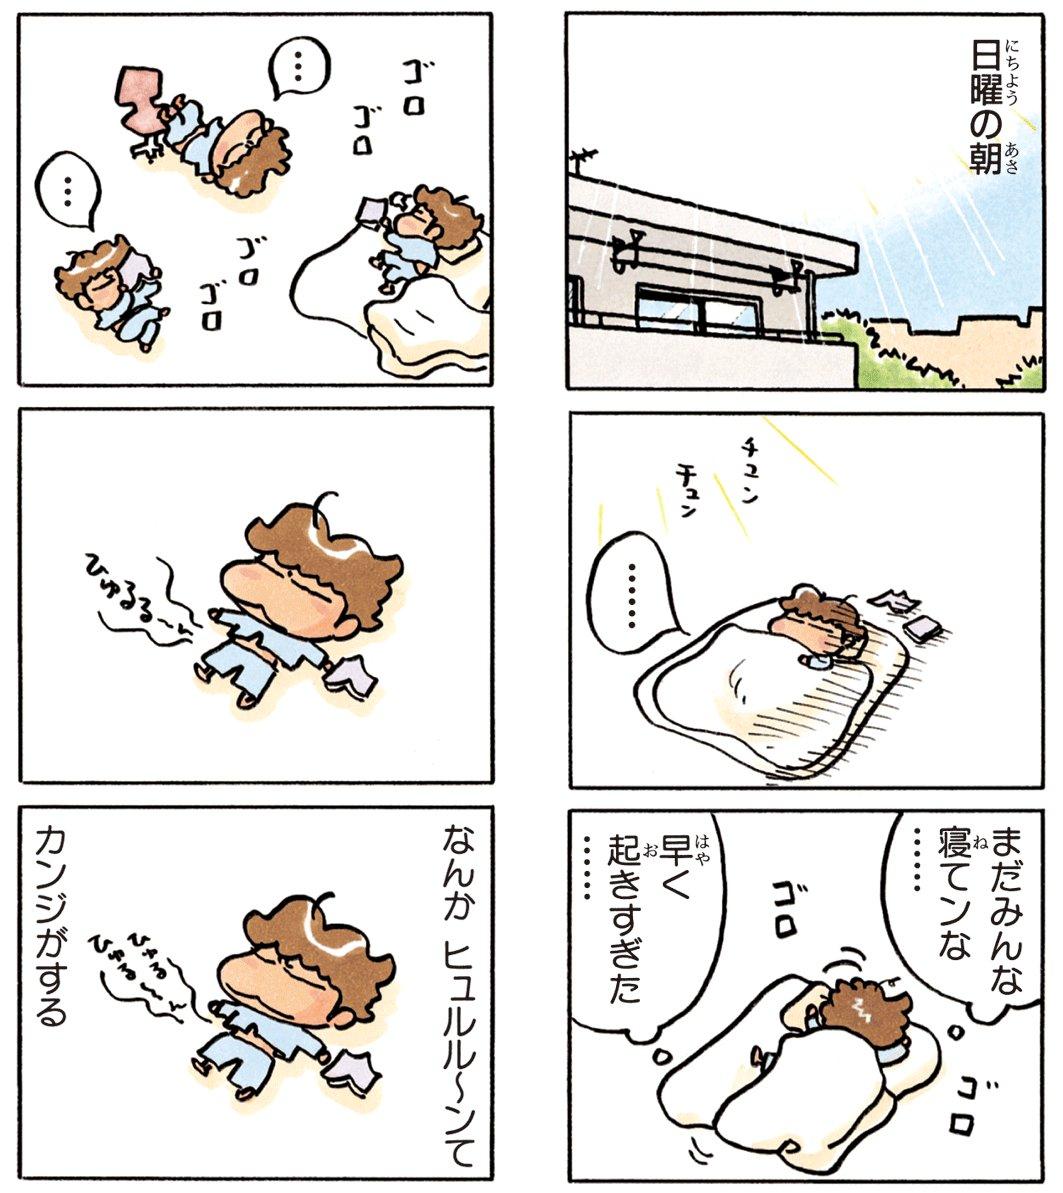 日曜の朝「ひゅるる〜ん」(9巻no.27) #あたしンち